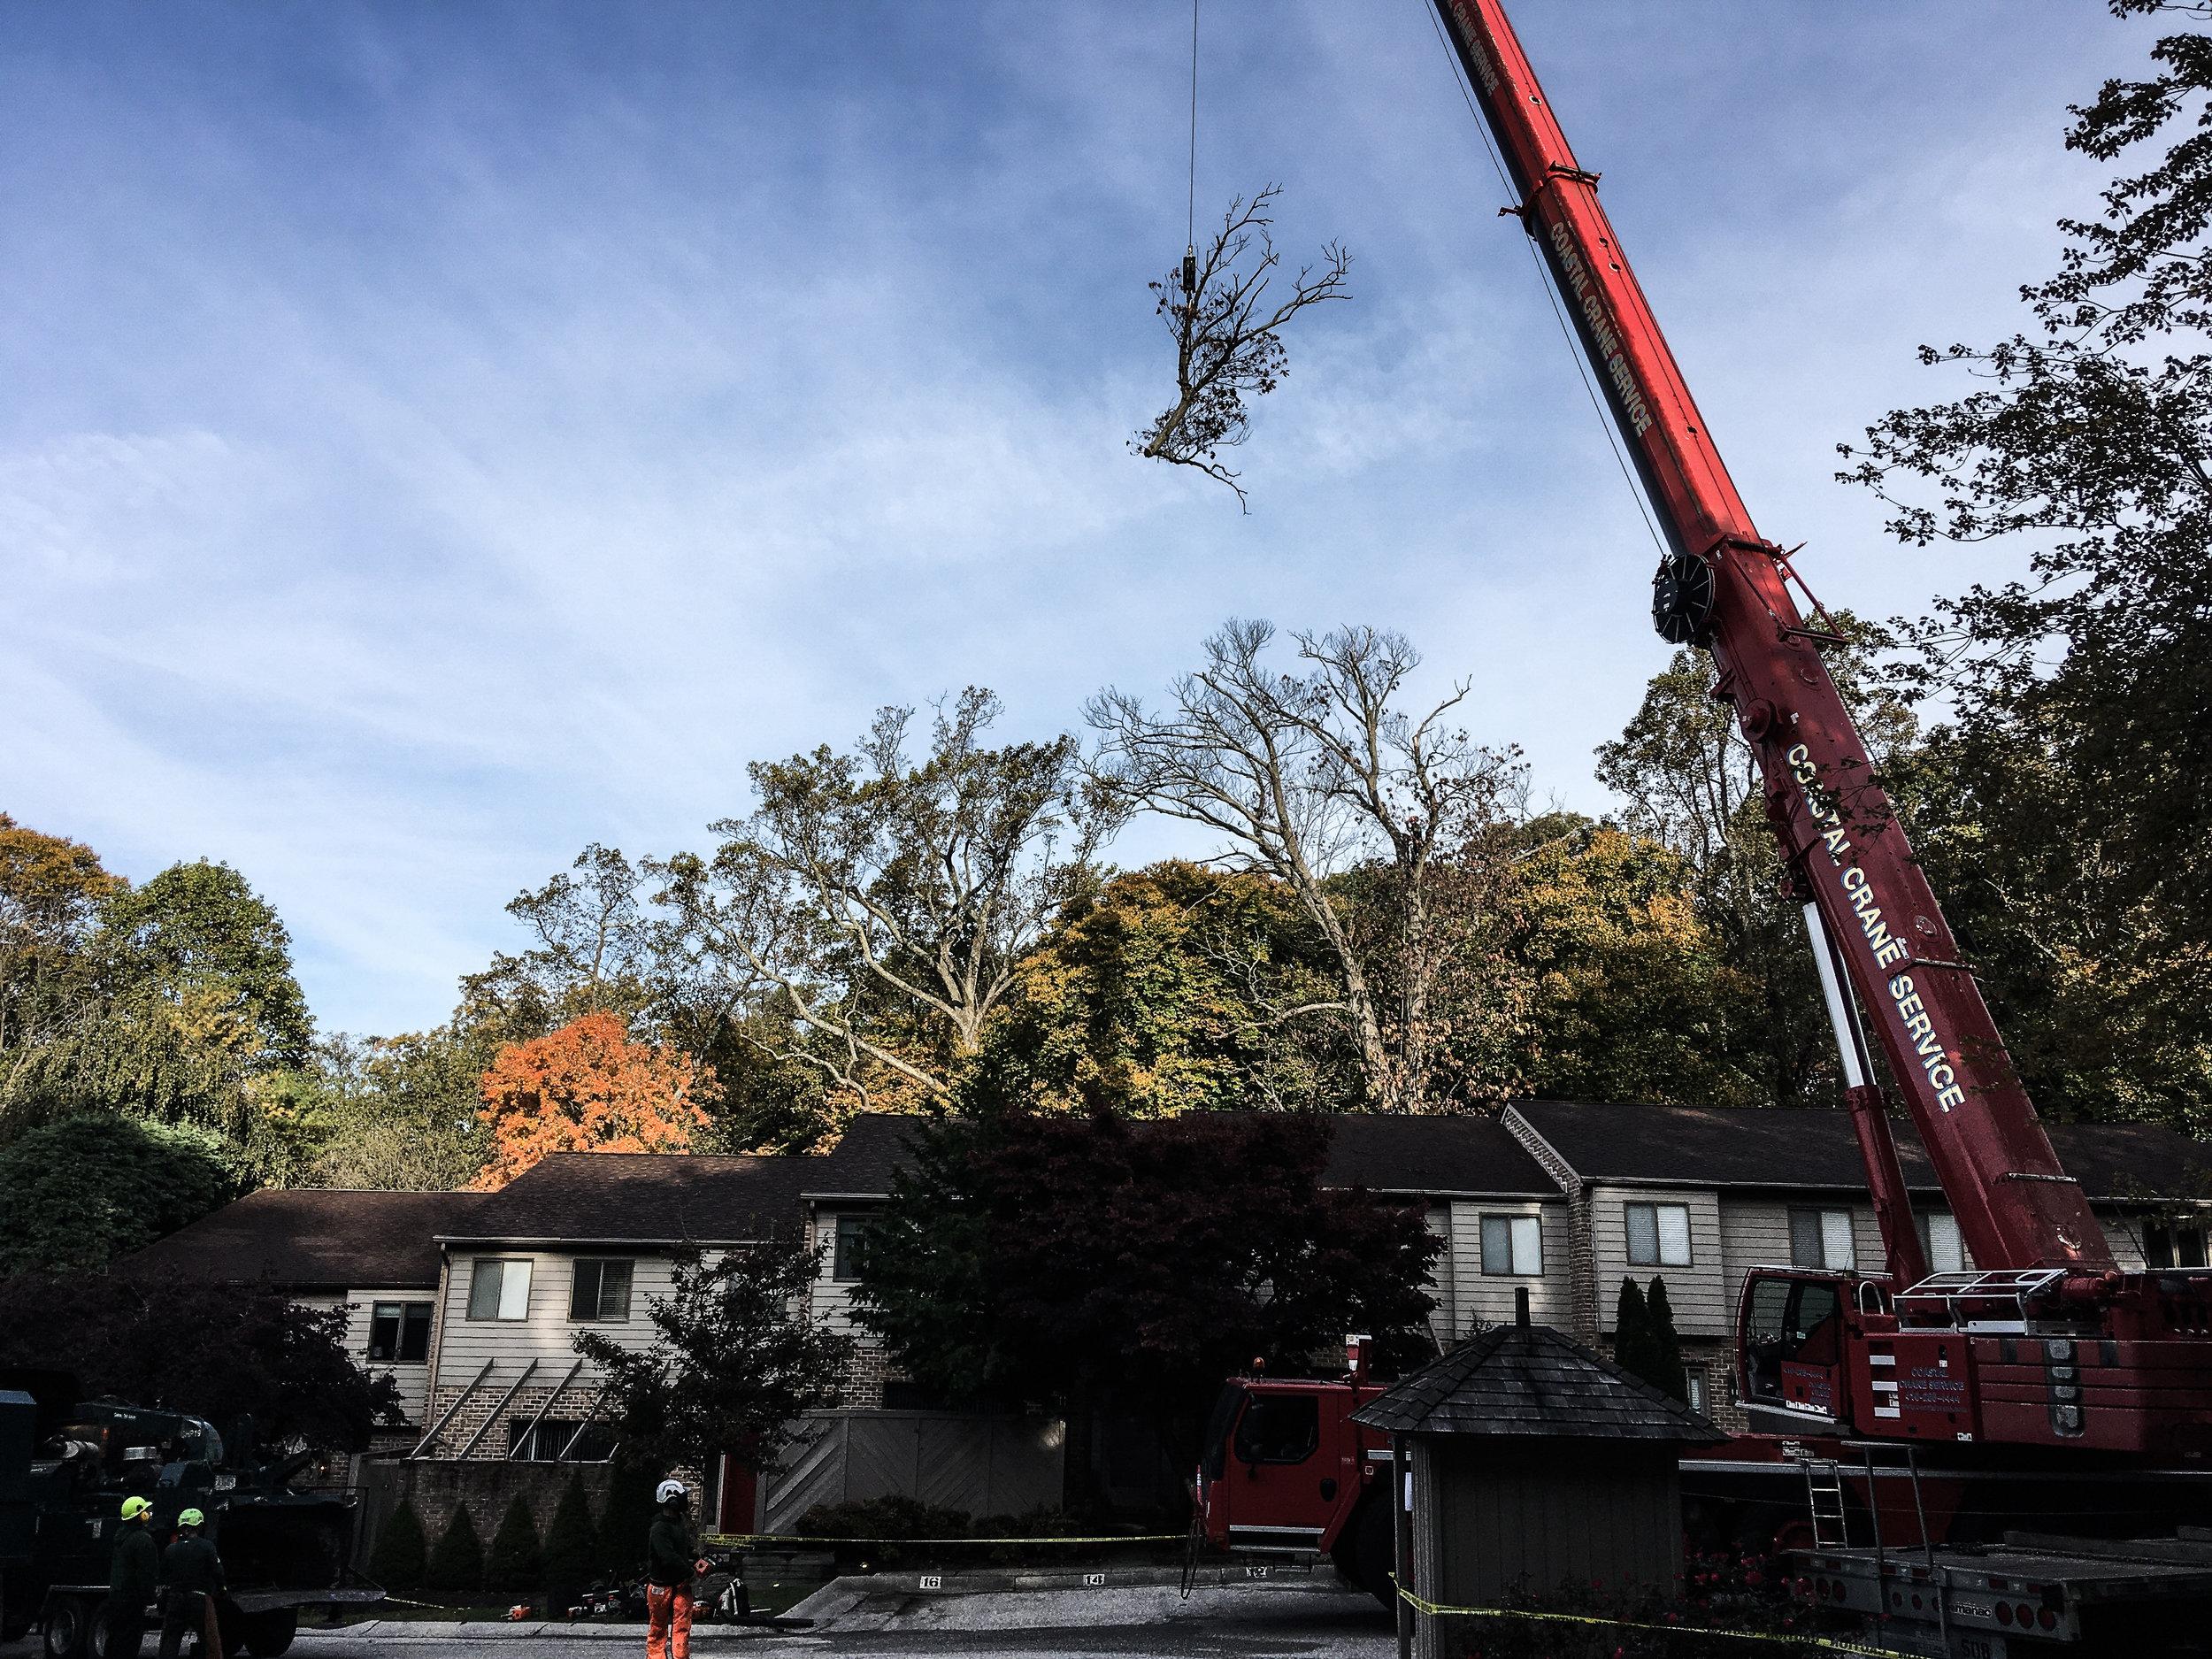 45 ft oak removal 3 (towson)-1.jpg